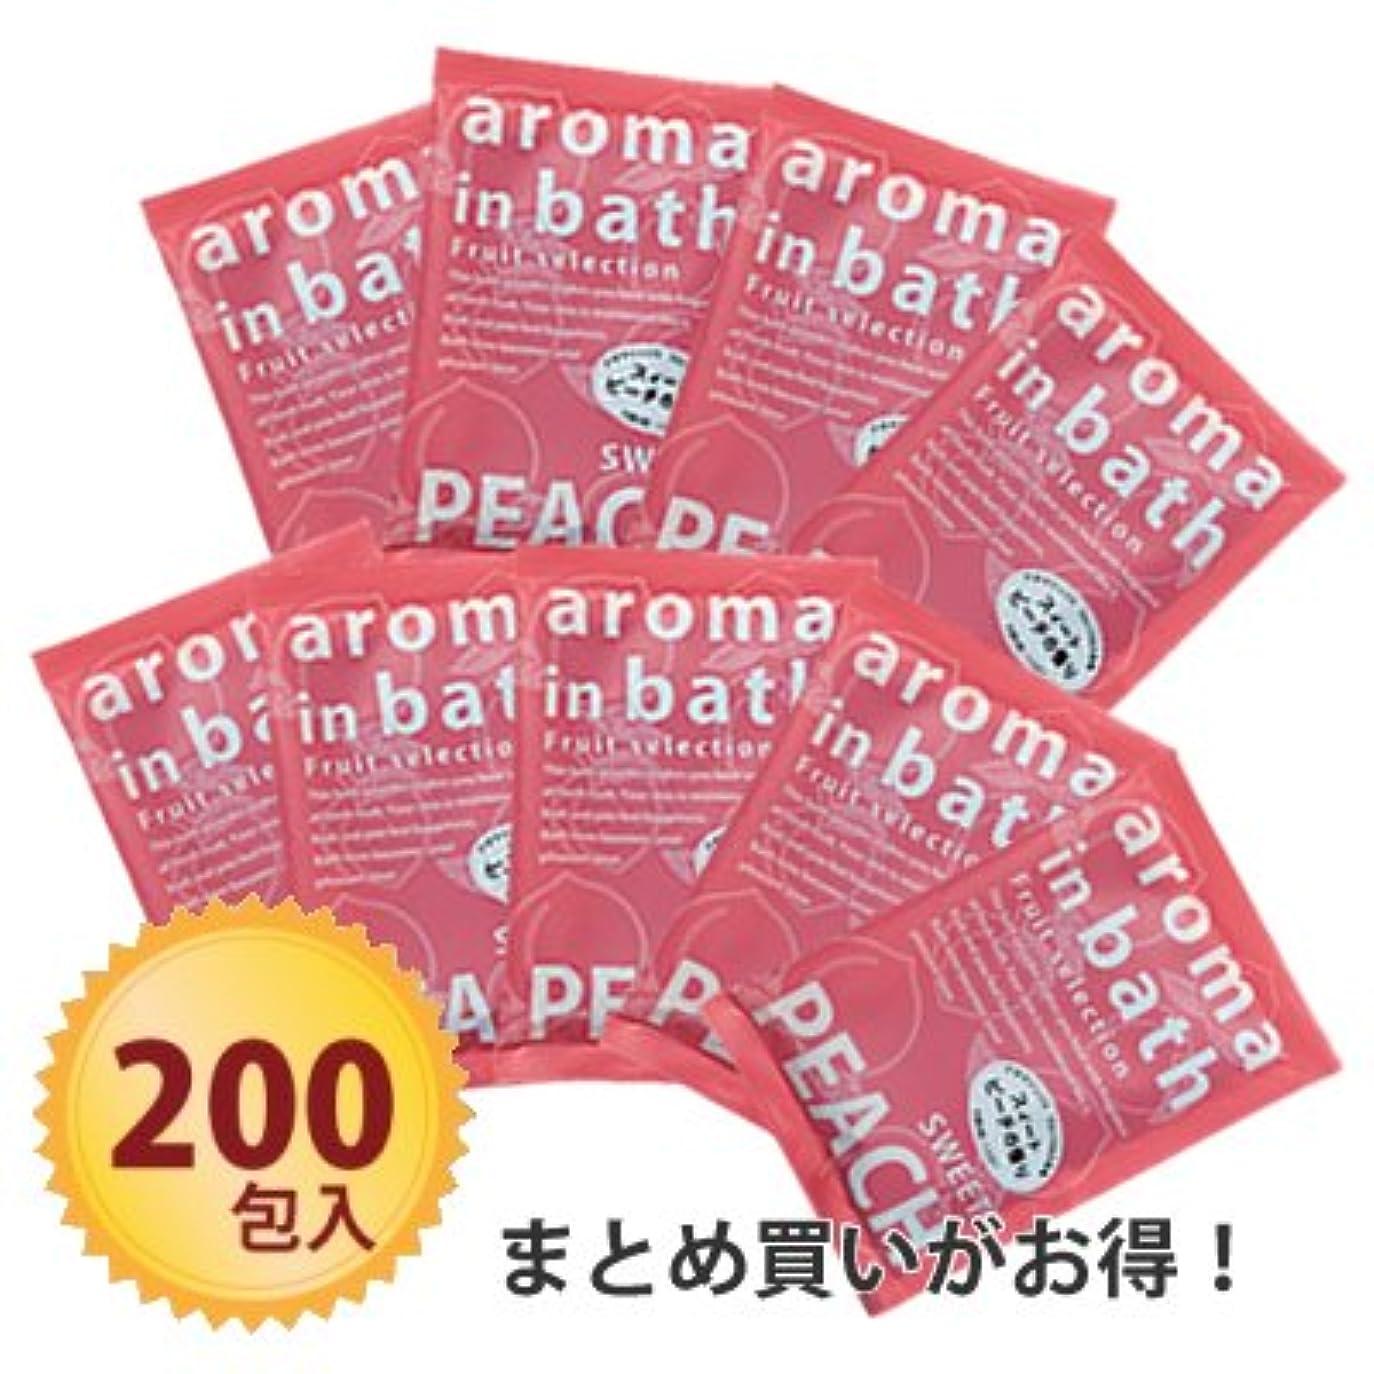 アデレード騒乱インフラ粉体入浴料 アロマインバス25g スイートピーチ ×200個